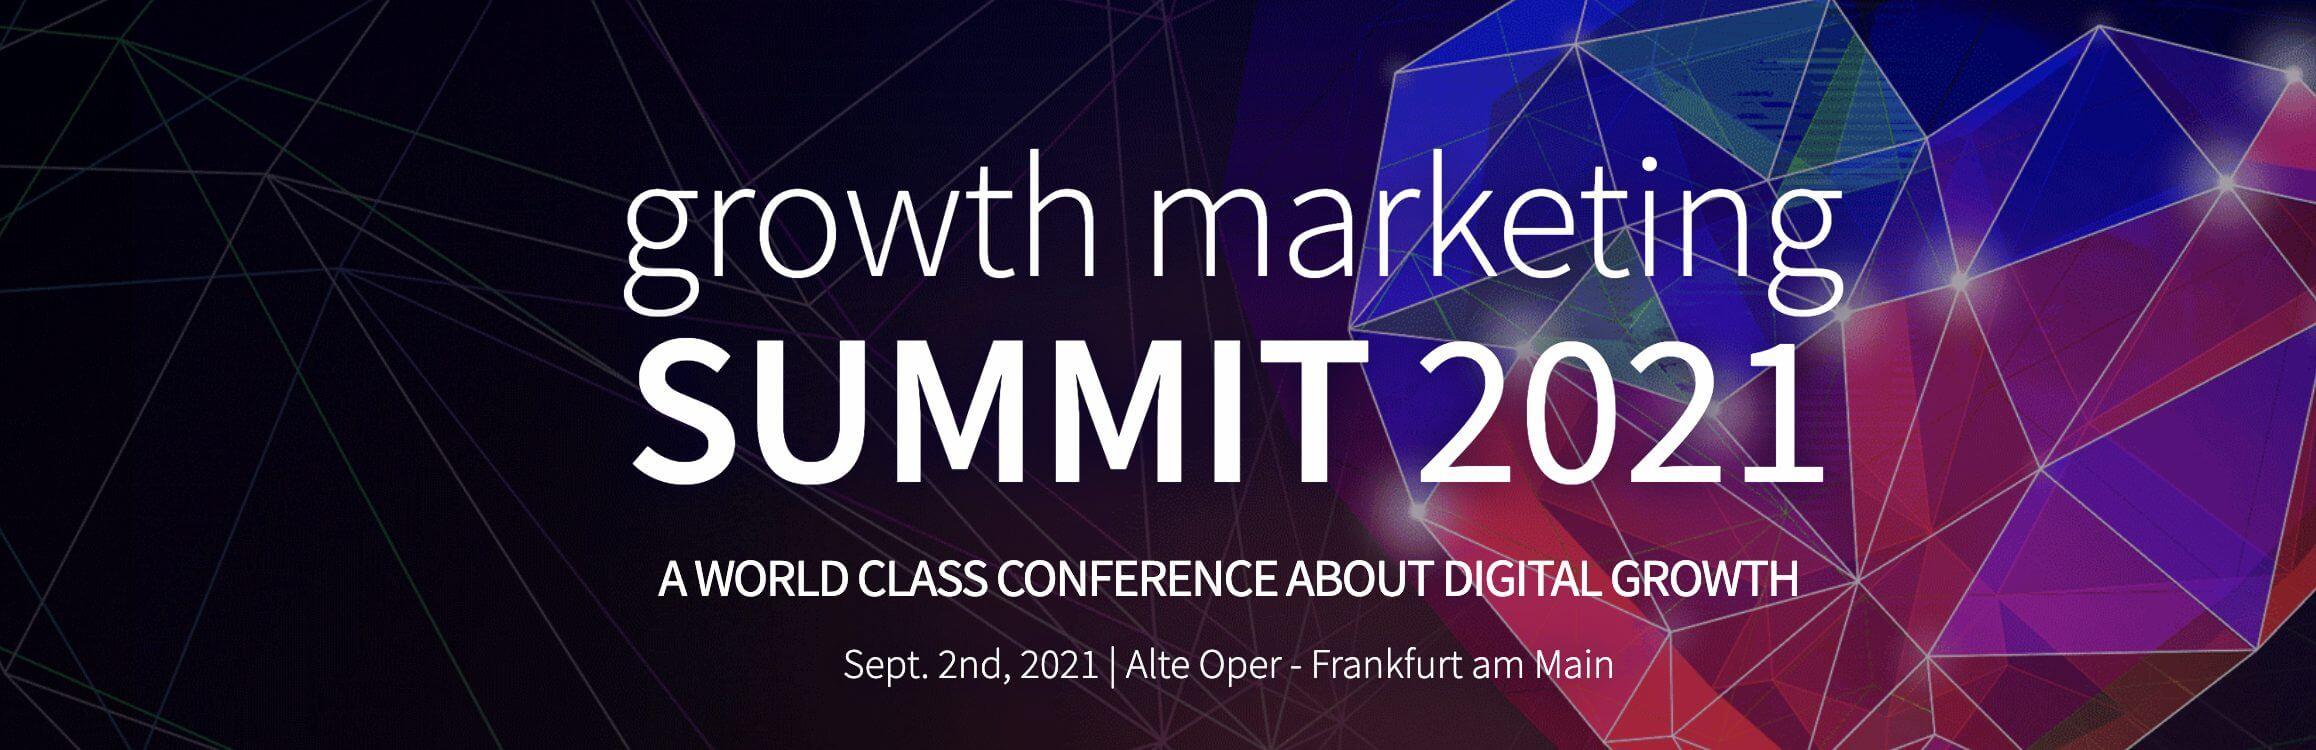 Growth Marketing Summit banner